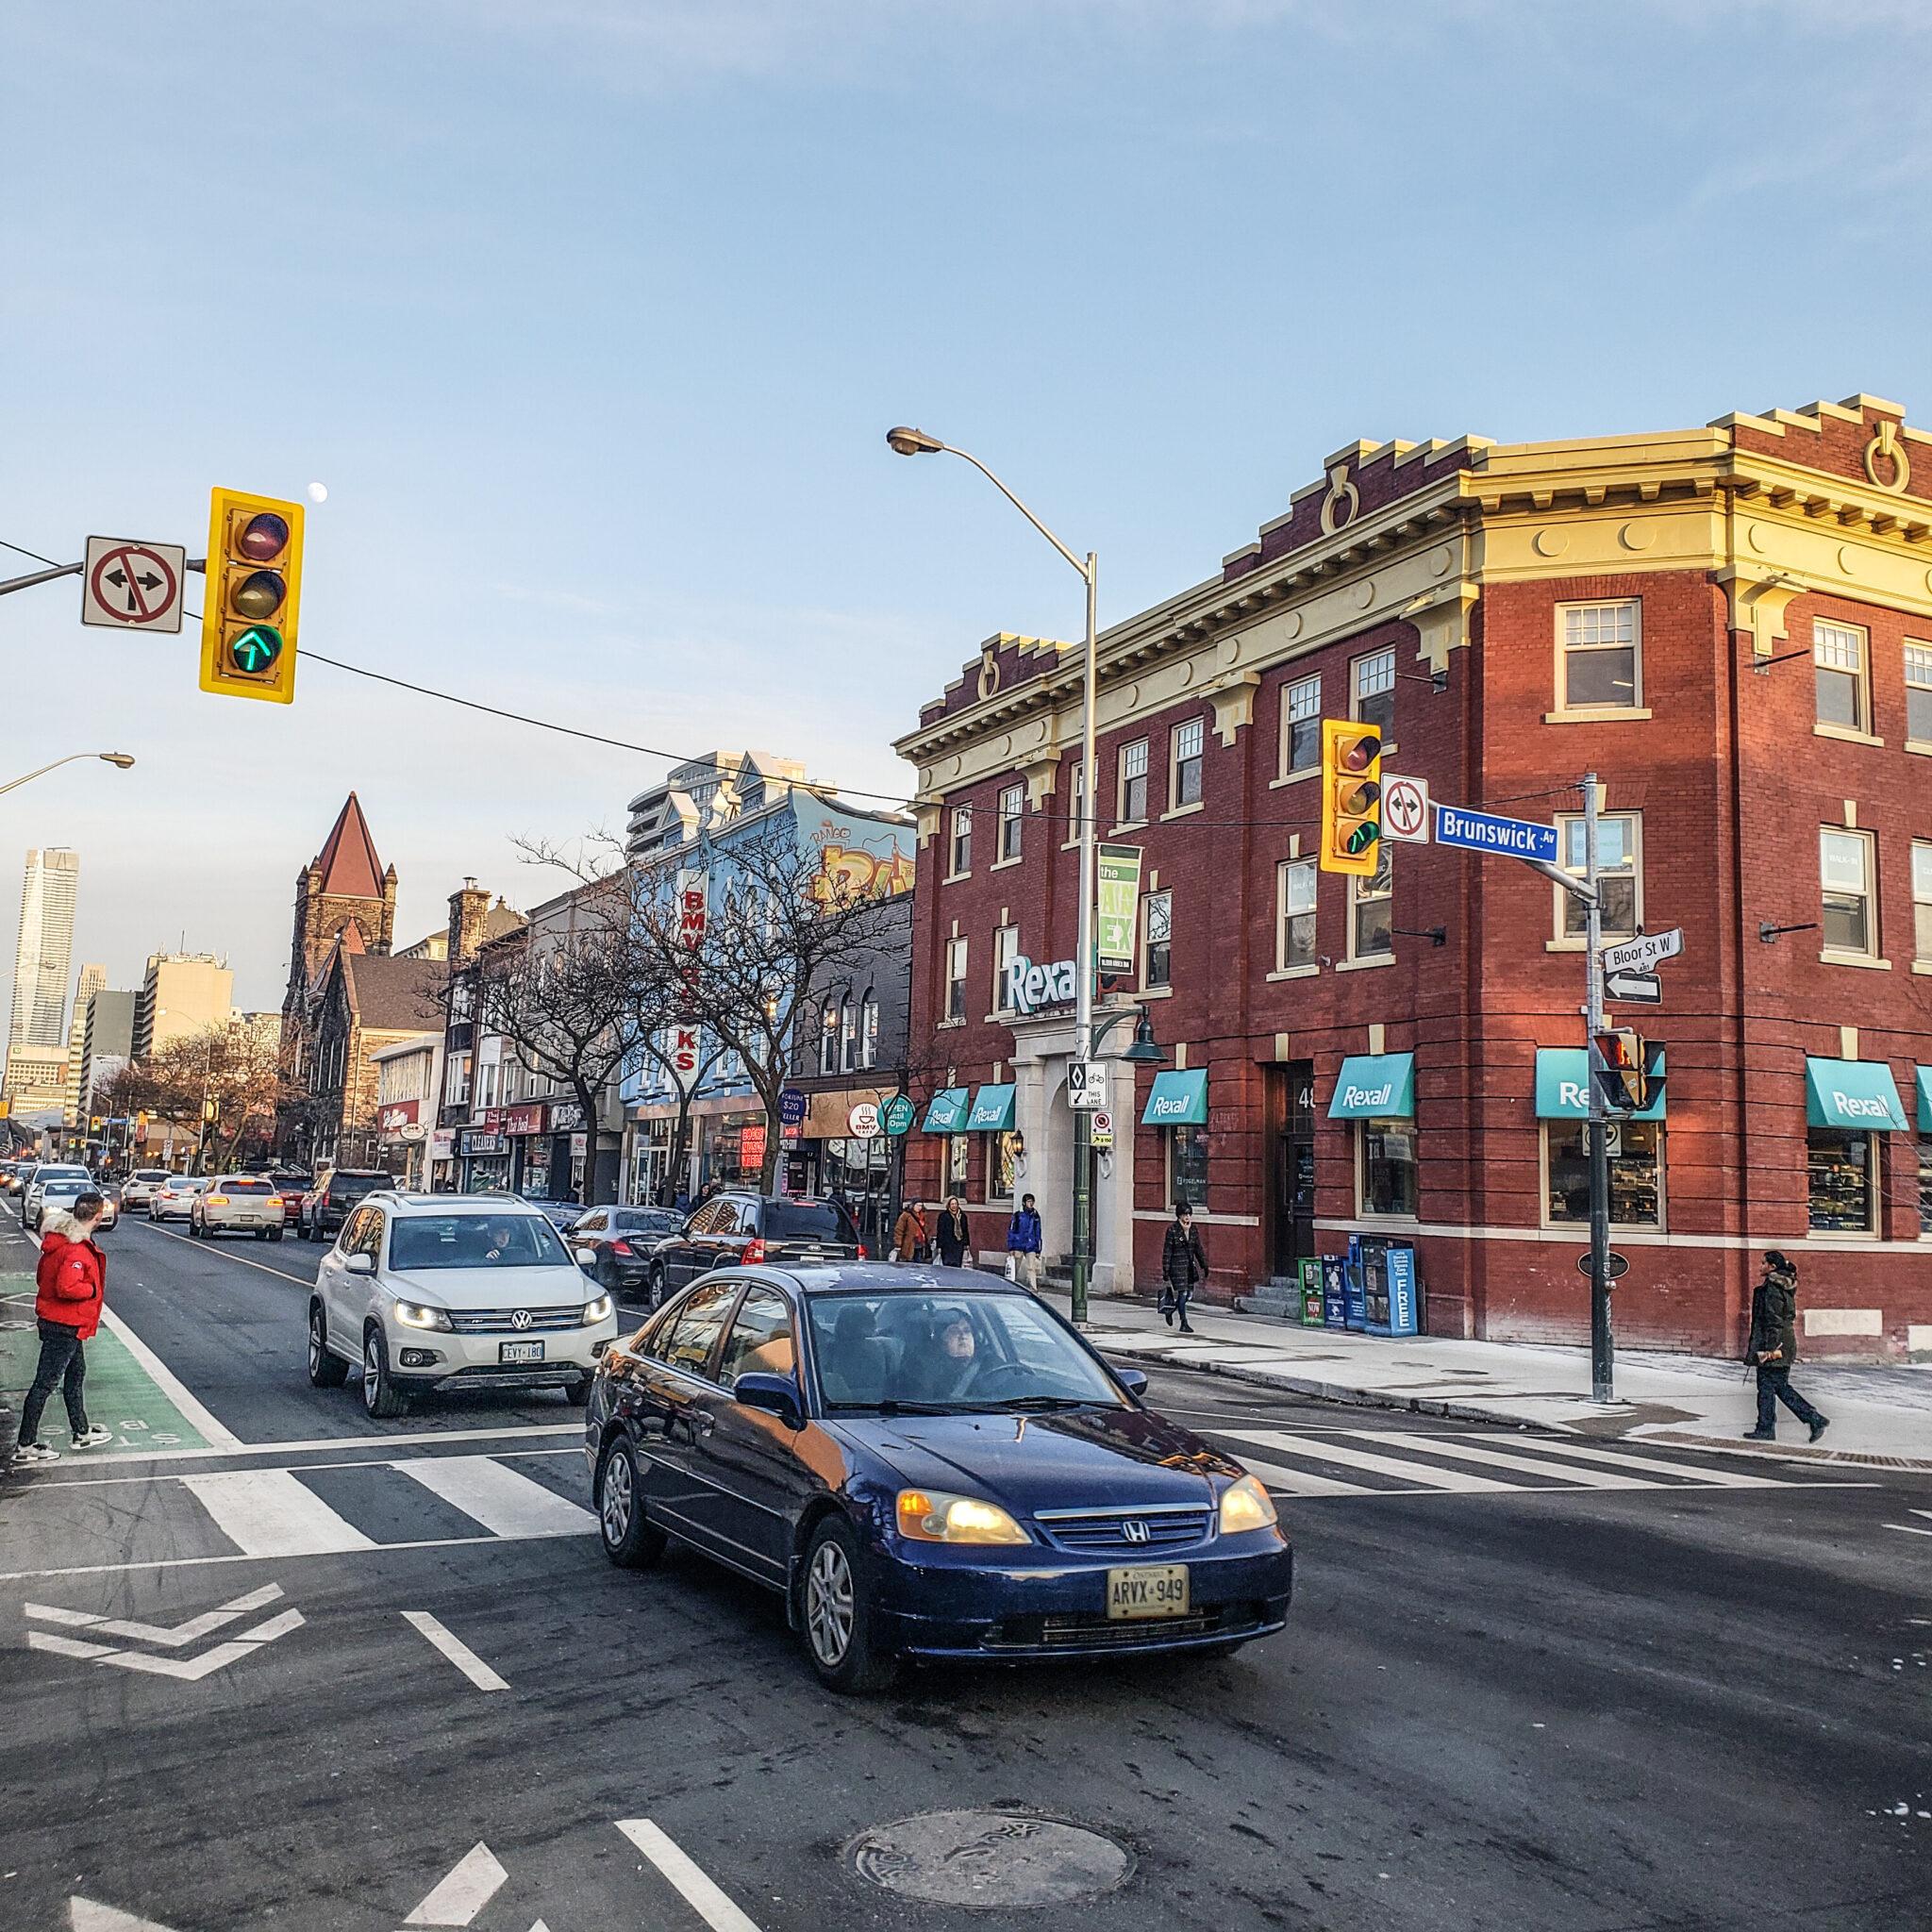 Annex Hotel - The Annex Toronto - Boutique Hotel - Bloor Street